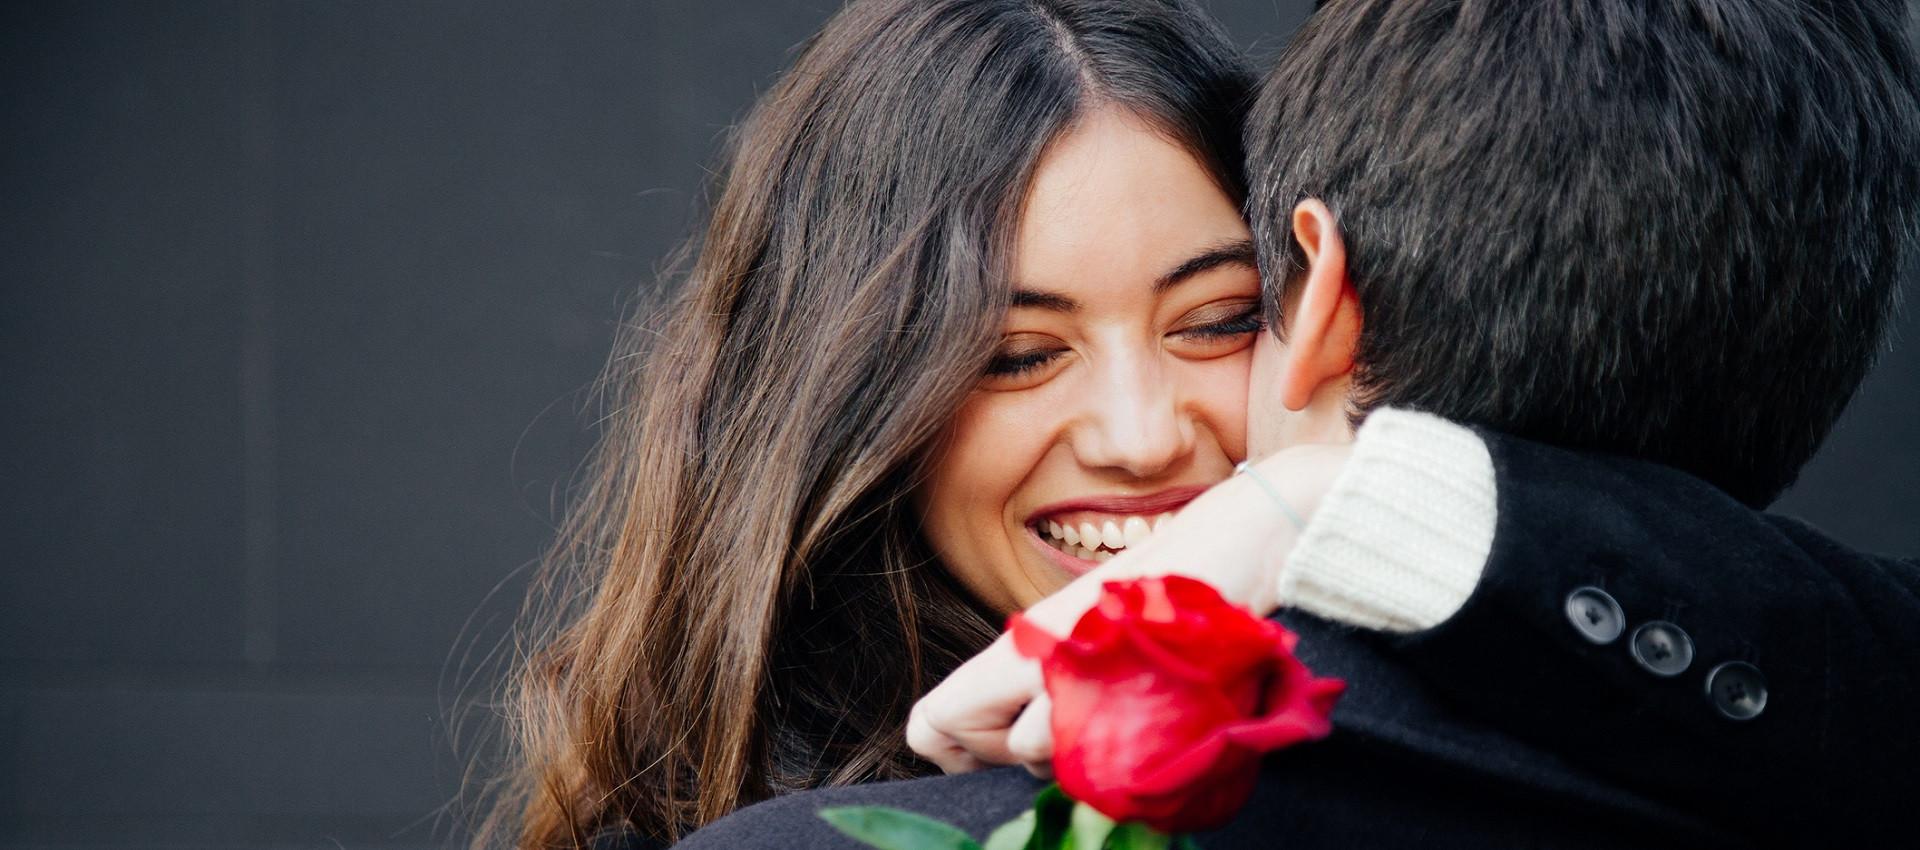 Sağlıklı ve doğru evlilik kurmanın beş altın kuralı